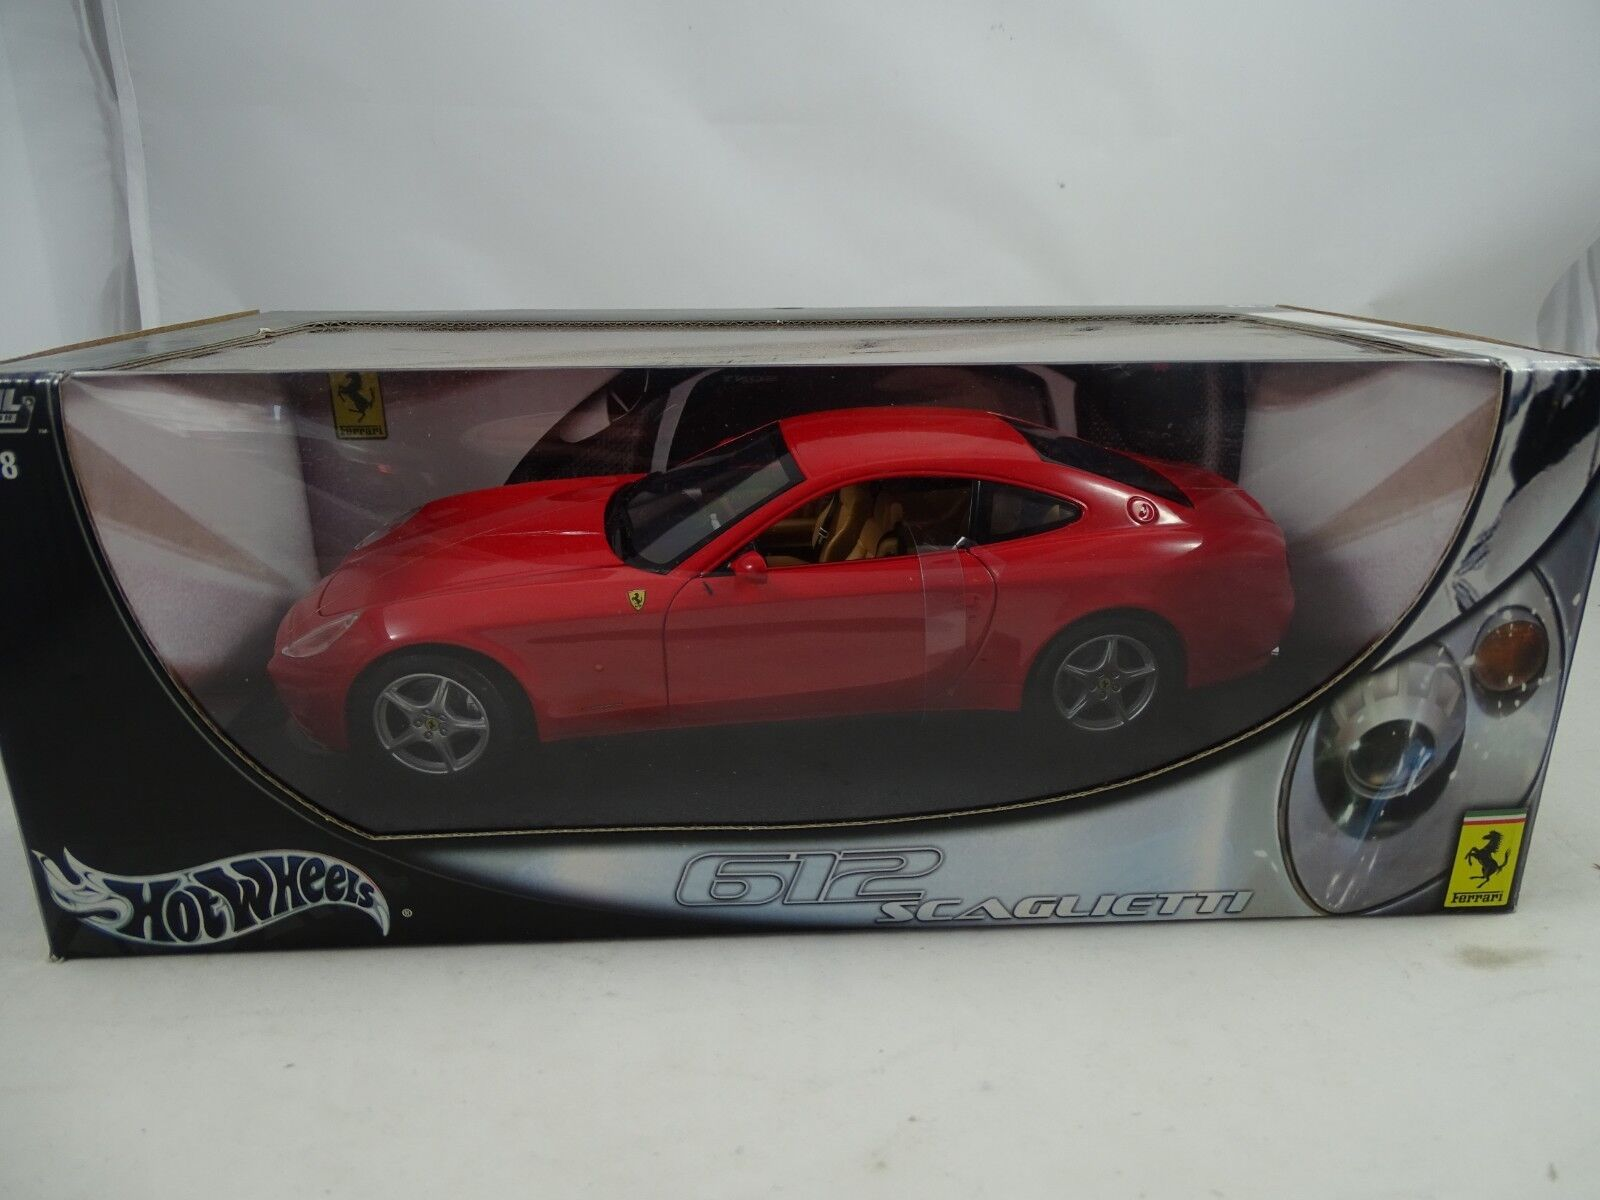 1 18 Hot Wtalons  b6047  Ferrari 612 Scaglietti rouge-RARE §  meilleurs prix et styles les plus frais